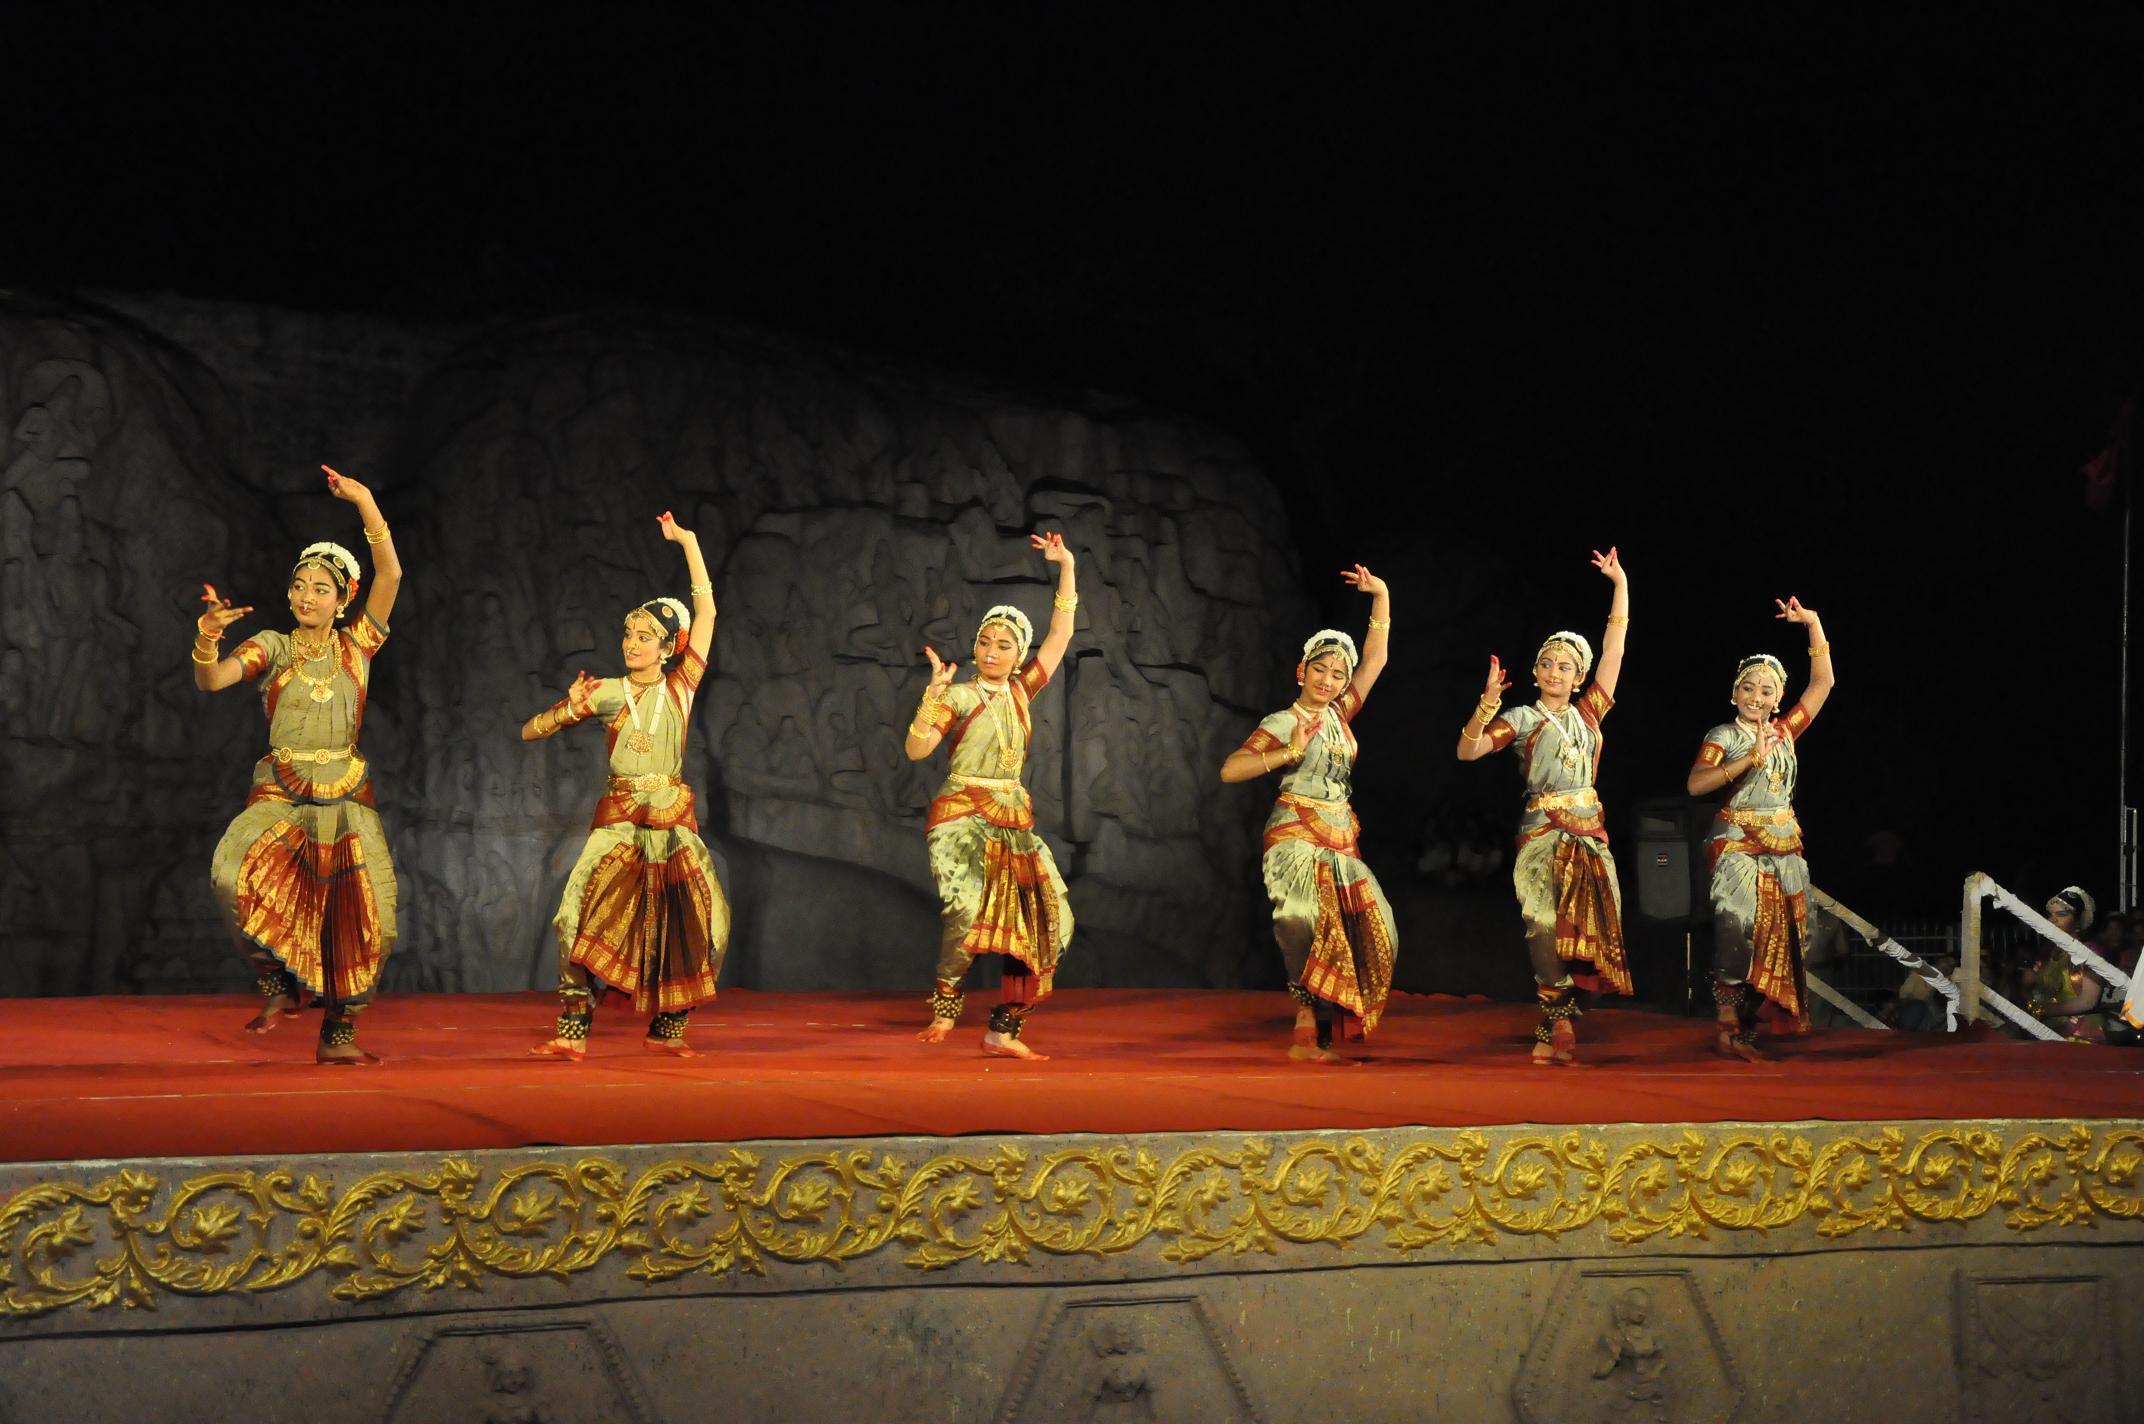 இந்திய நாட்டிய விழா, மாமல்லபுரம்